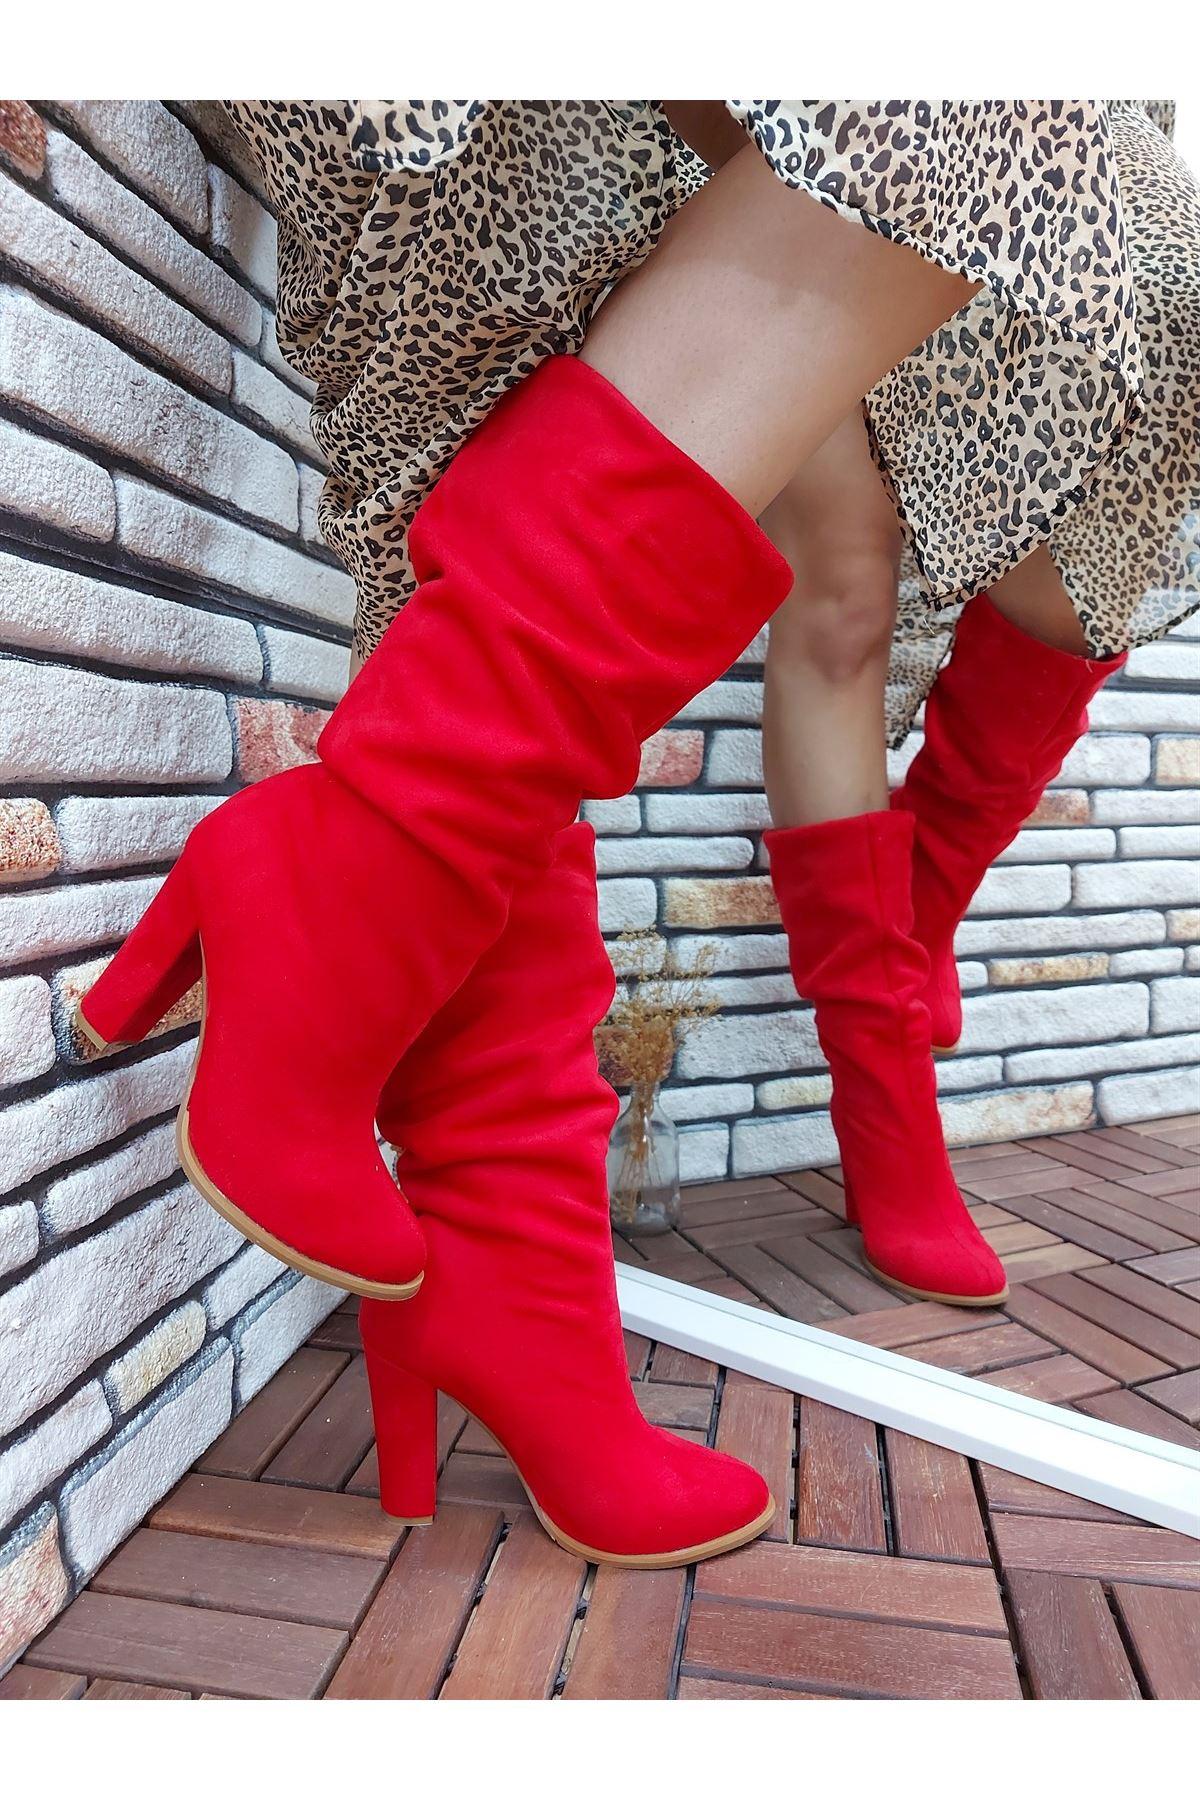 Kalde Kırmızı Süet Körüklü Kısa Kadın Çizme